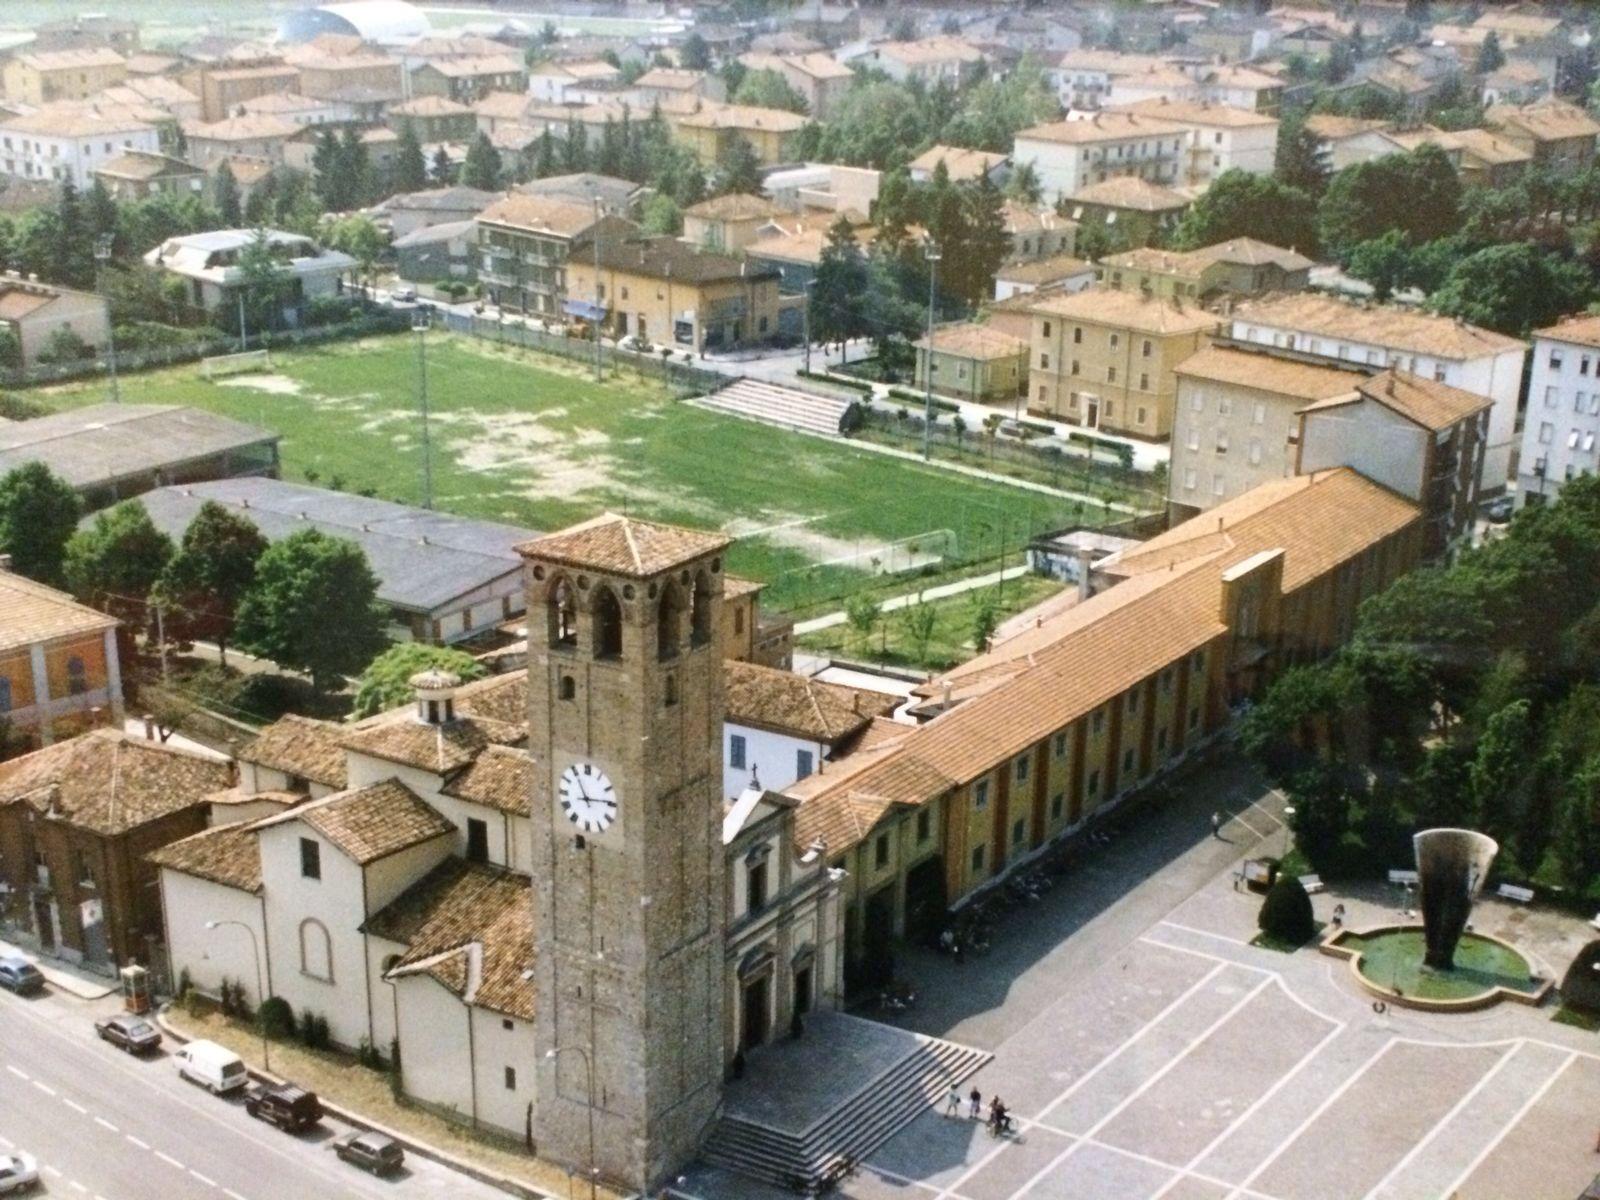 Una veduta aerea della chiesa di San Pietro Apostolo e dell'oratorio che si estende sulla destra.